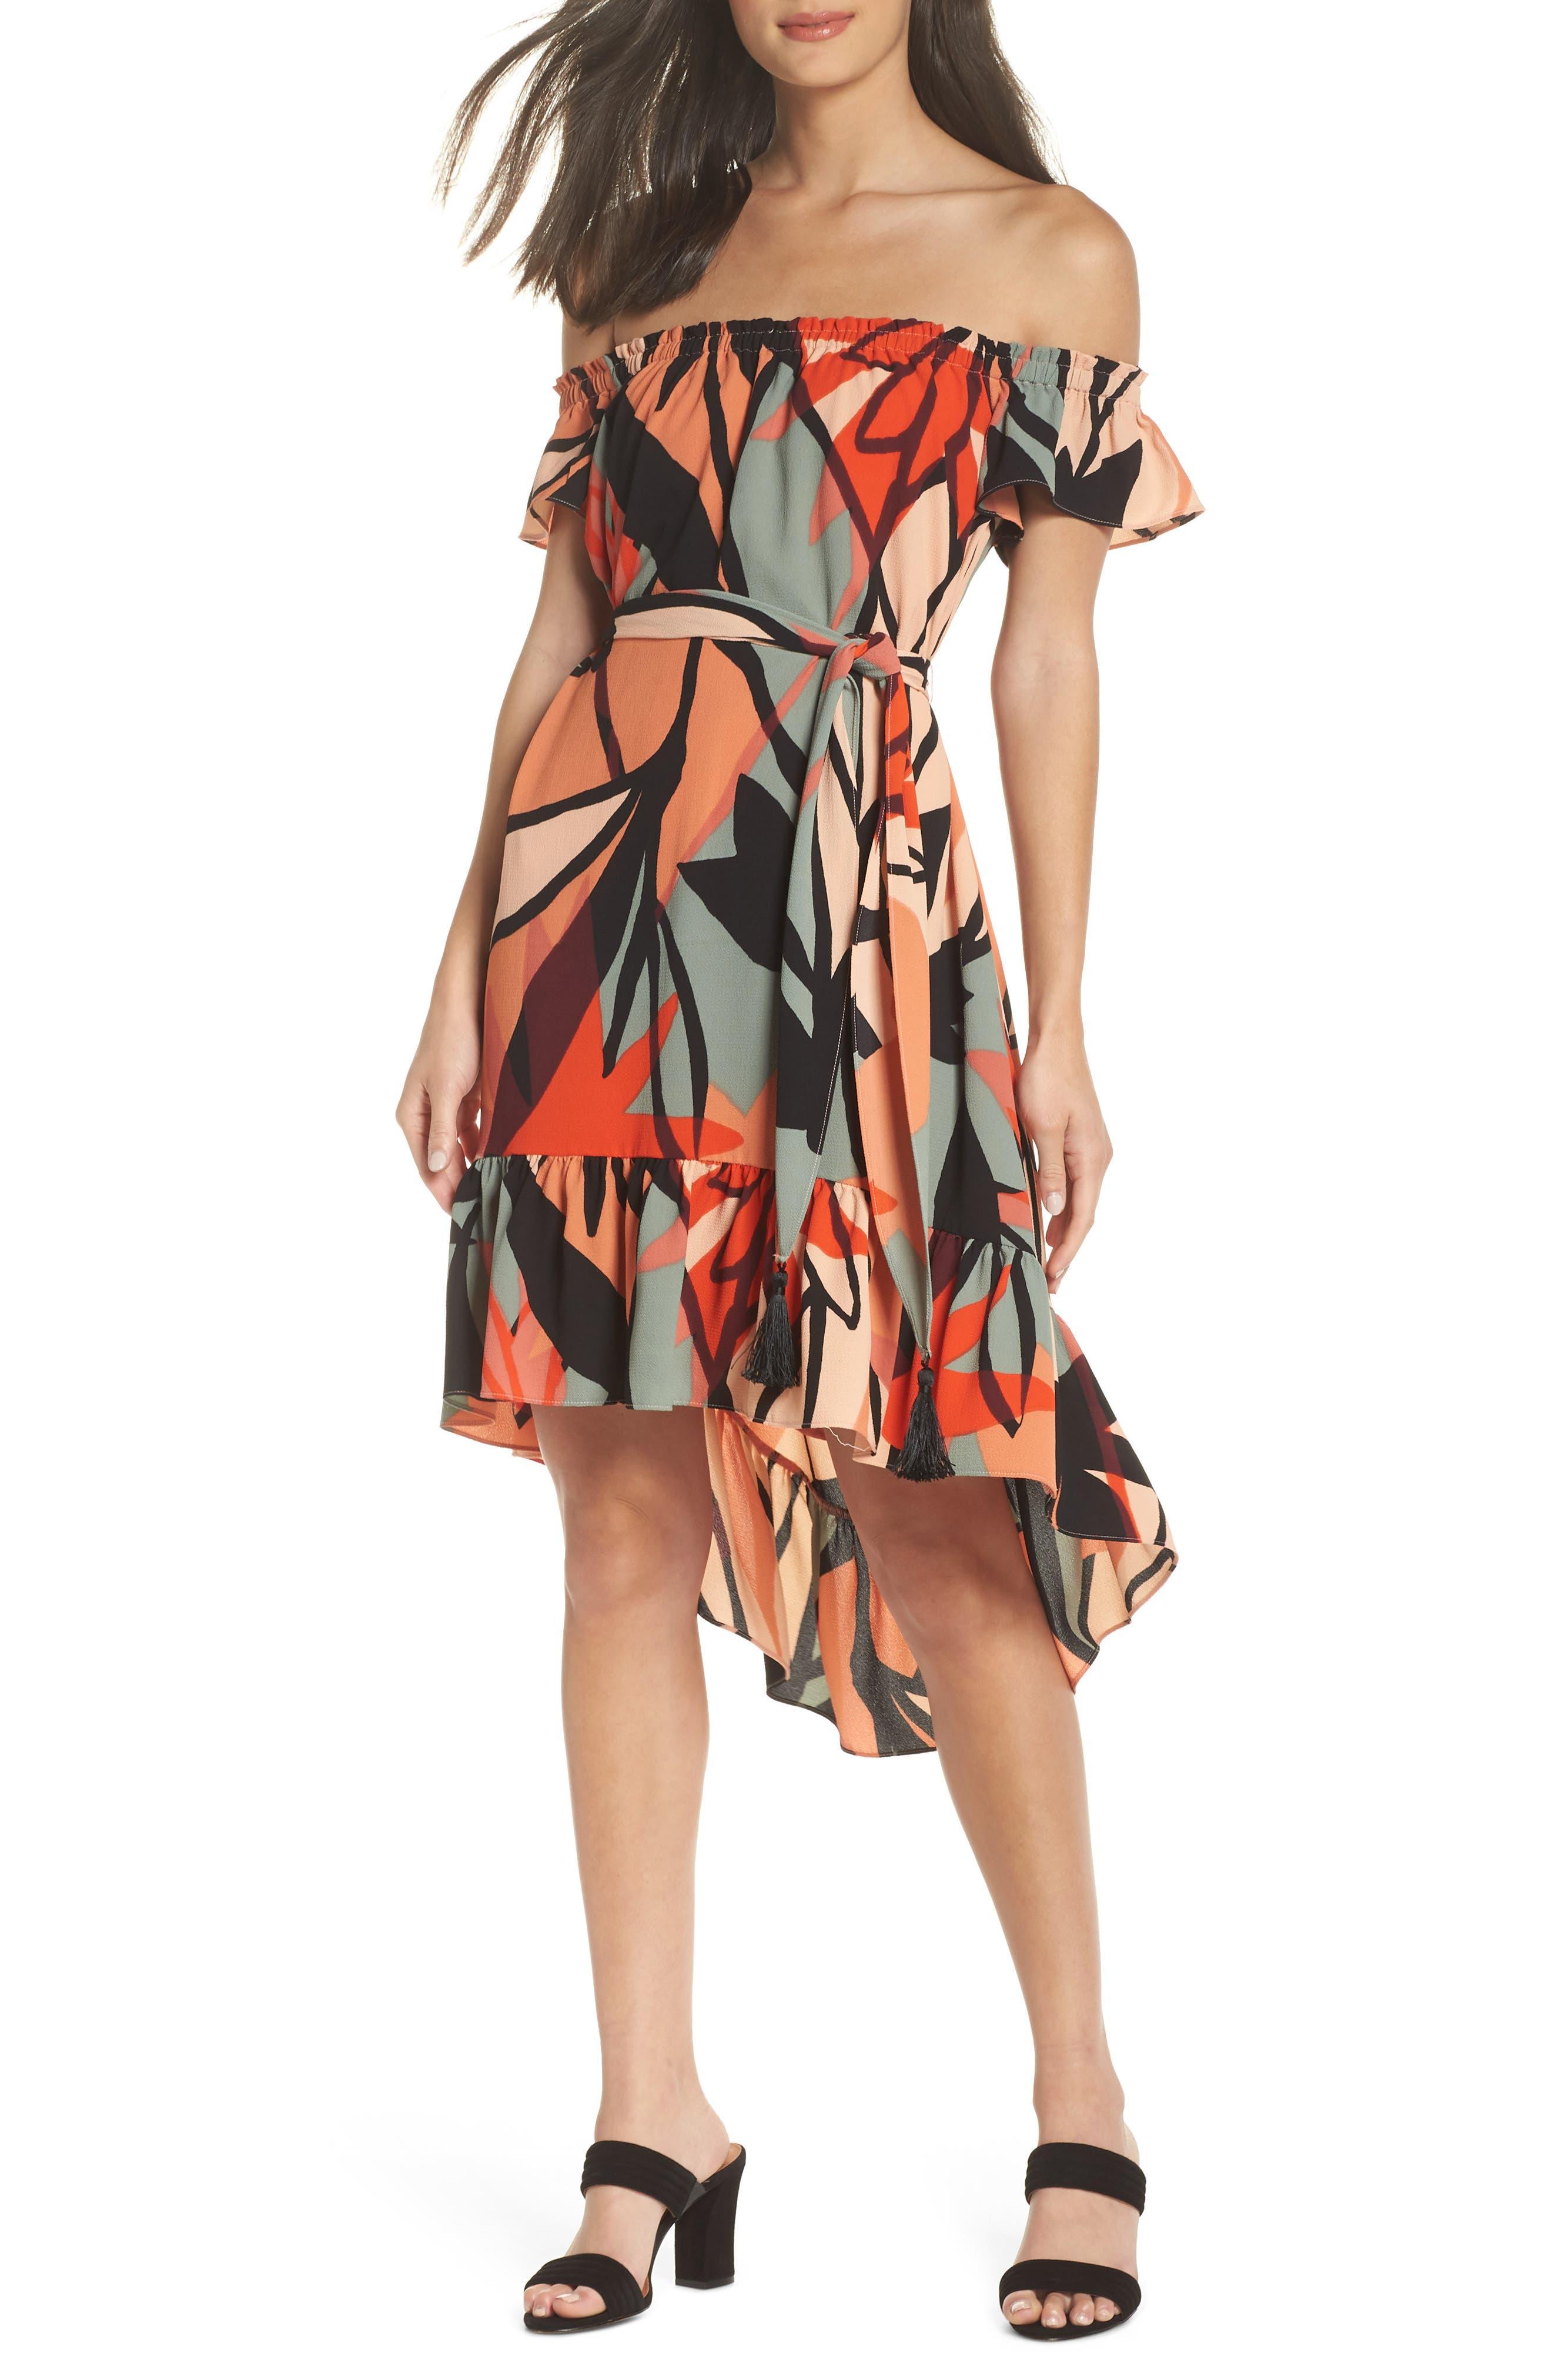 Off the Shoulder Bubble Crepe Dress,                             Main thumbnail 1, color,                             Peach / Black